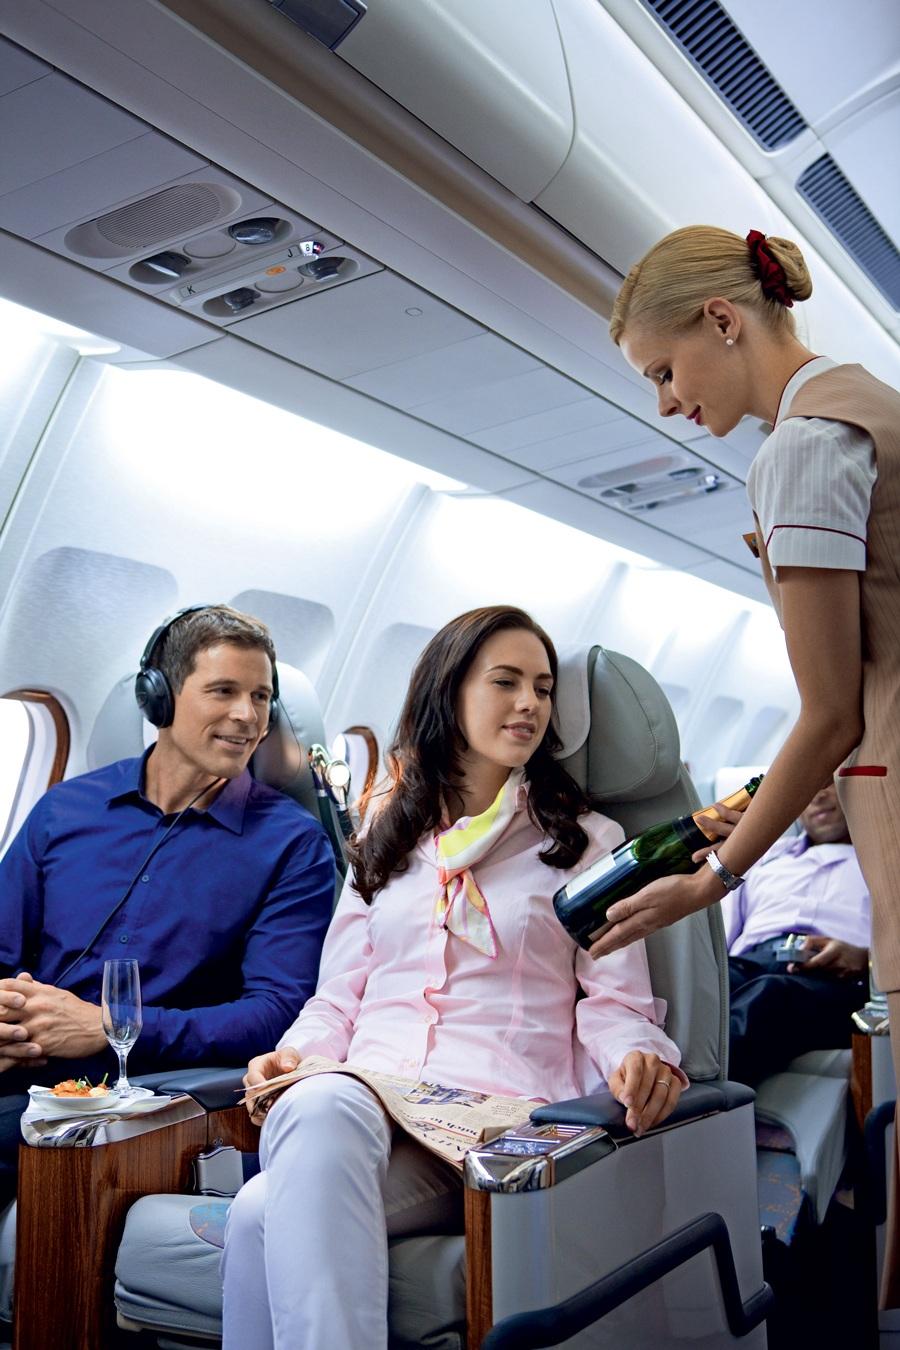 Các tiếp viên cũng học cách xử lý khi có sự cố hỏa hoạn trên máy bay